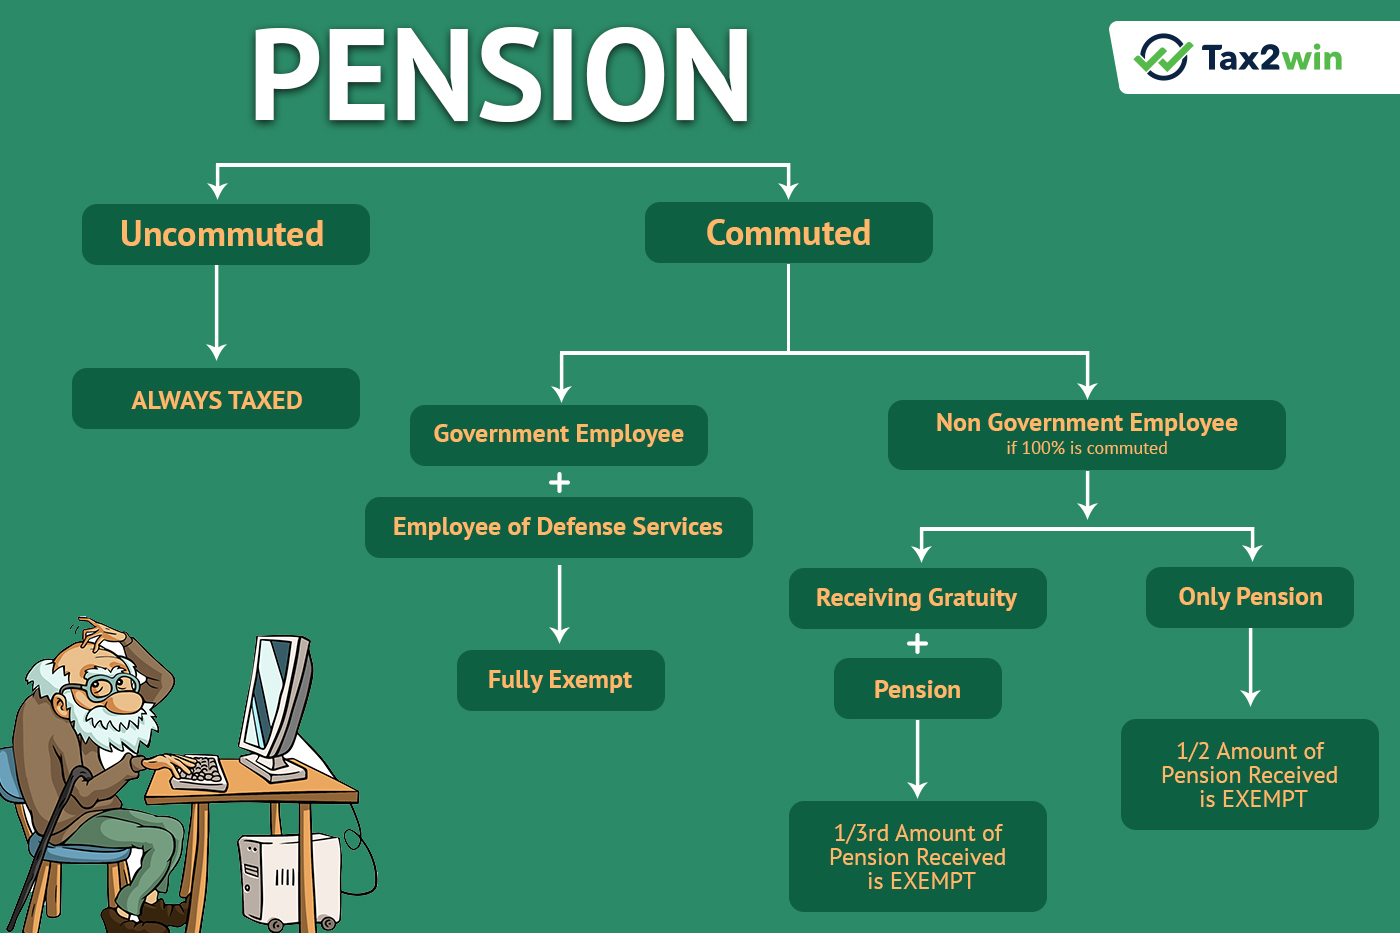 pensioner taxability tax2win